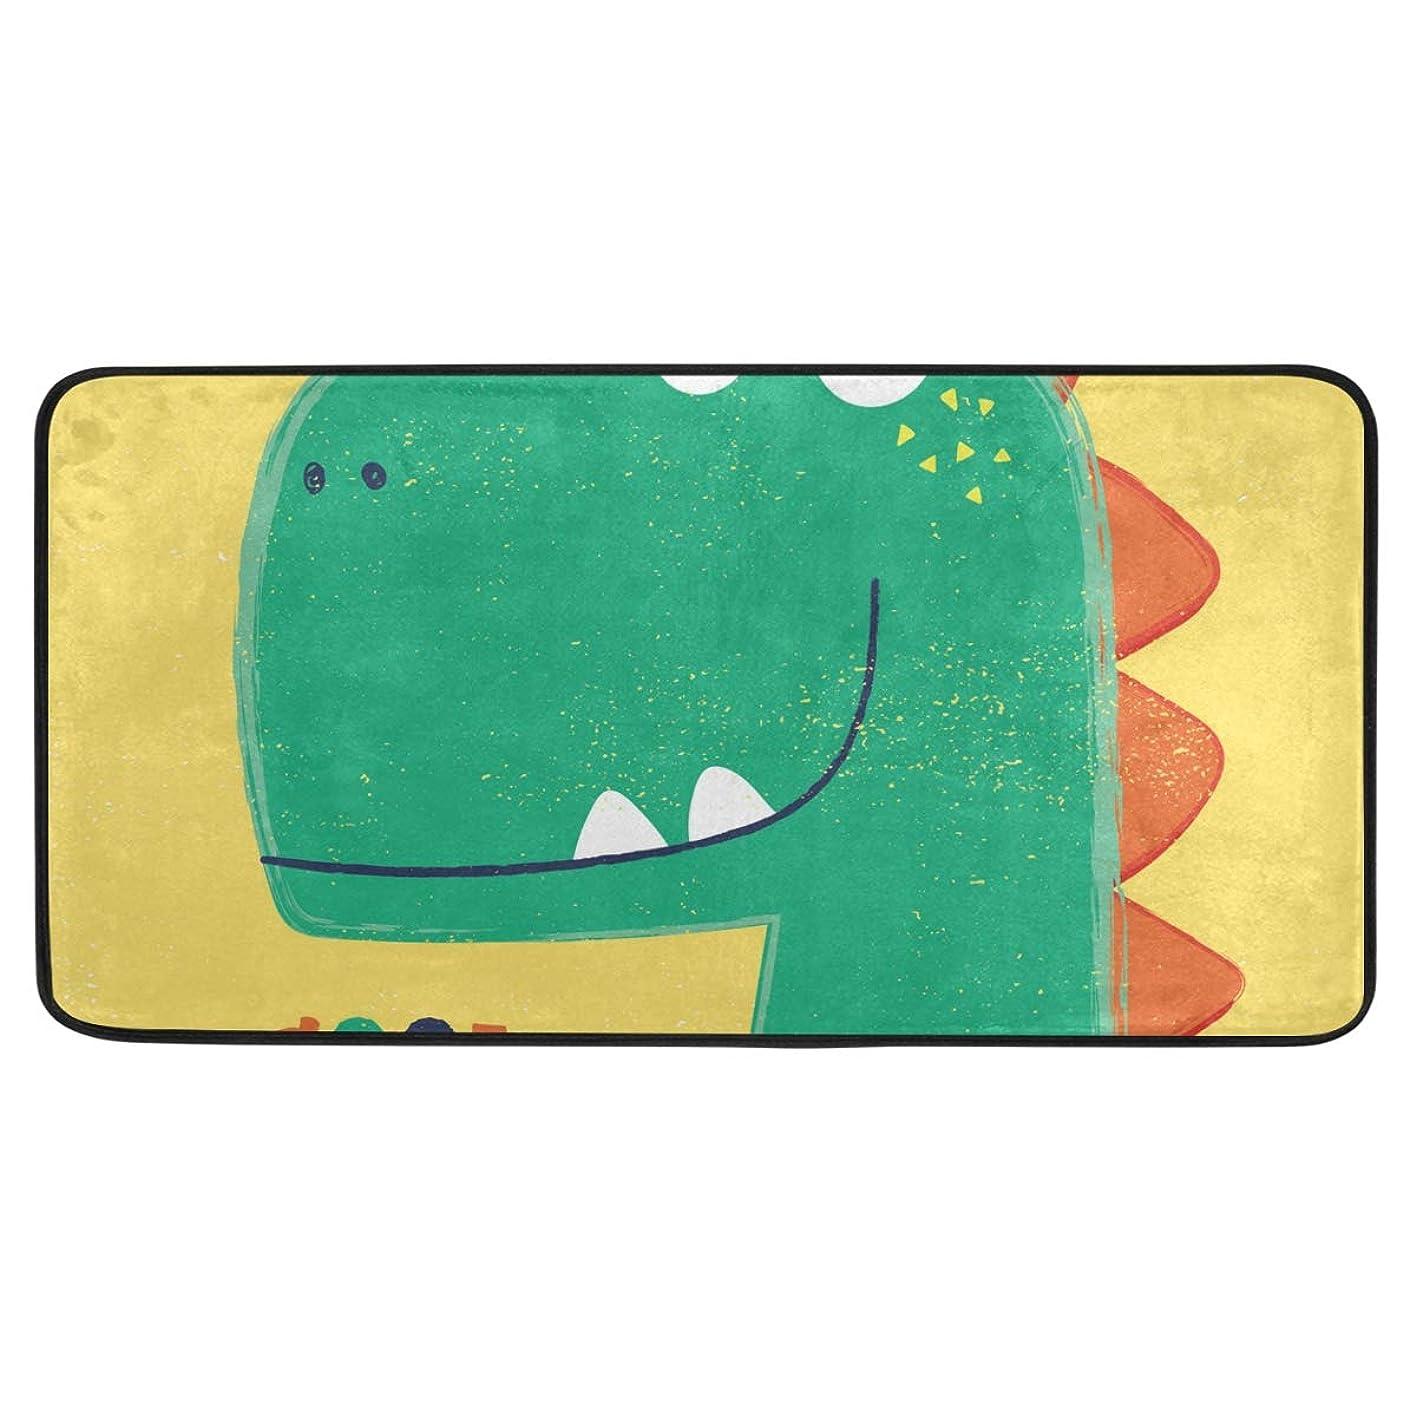 キャンドル速報スライムキッチンマット 廊下マット 台所マット 玄関マット カートゥーン 恐竜 洗える 滑り止め 掃除易い 毛玉になりにくい